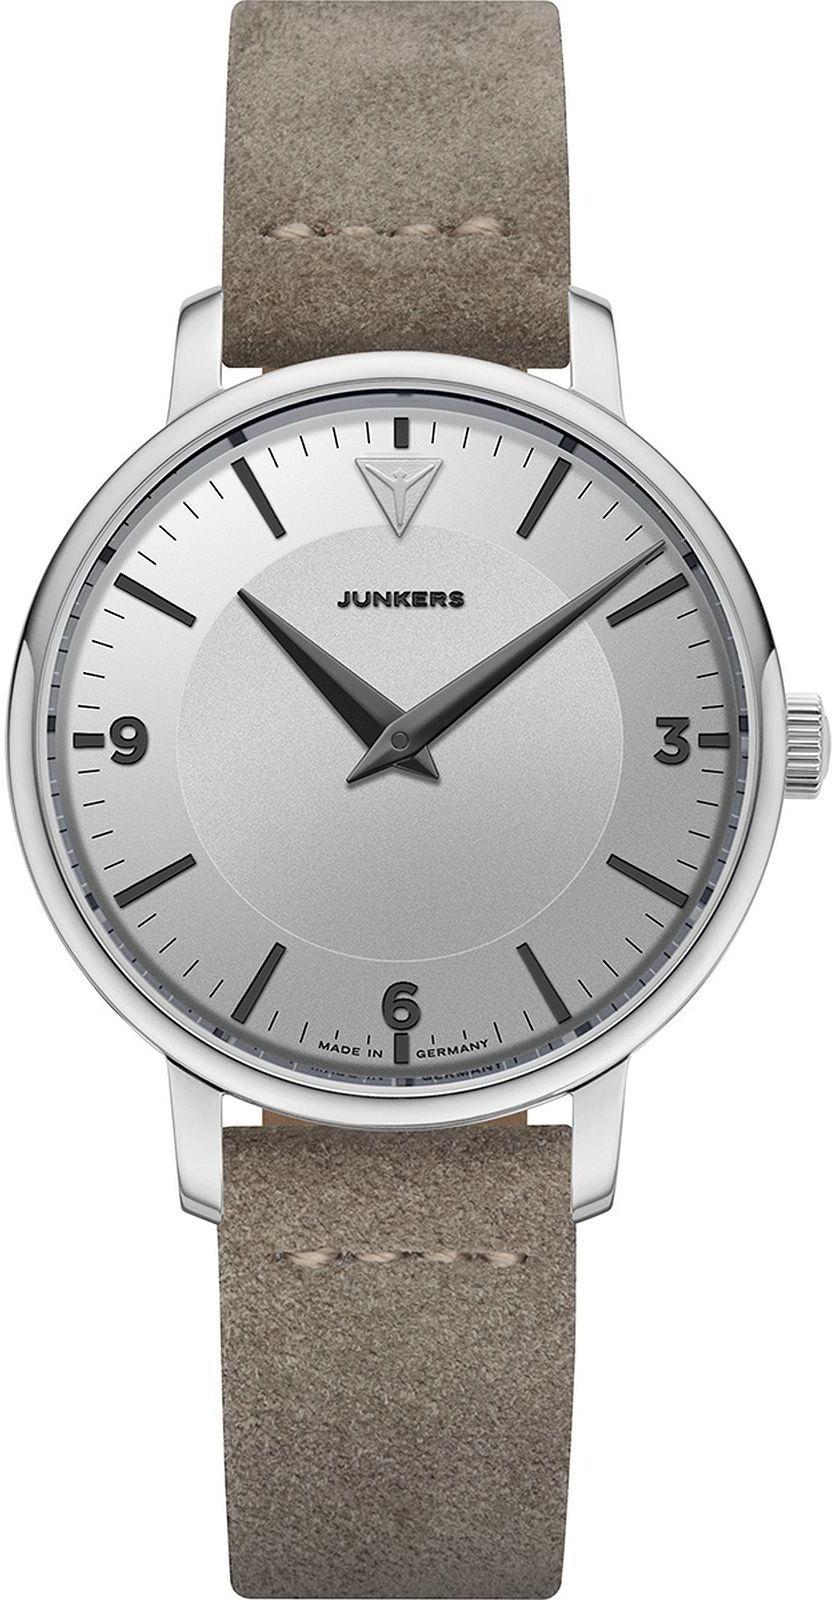 Junkers 9.01.01.03 > Wysyłka tego samego dnia Grawer 0zł Darmowa dostawa Kurierem/Inpost Darmowy zwrot przez 100 DNI